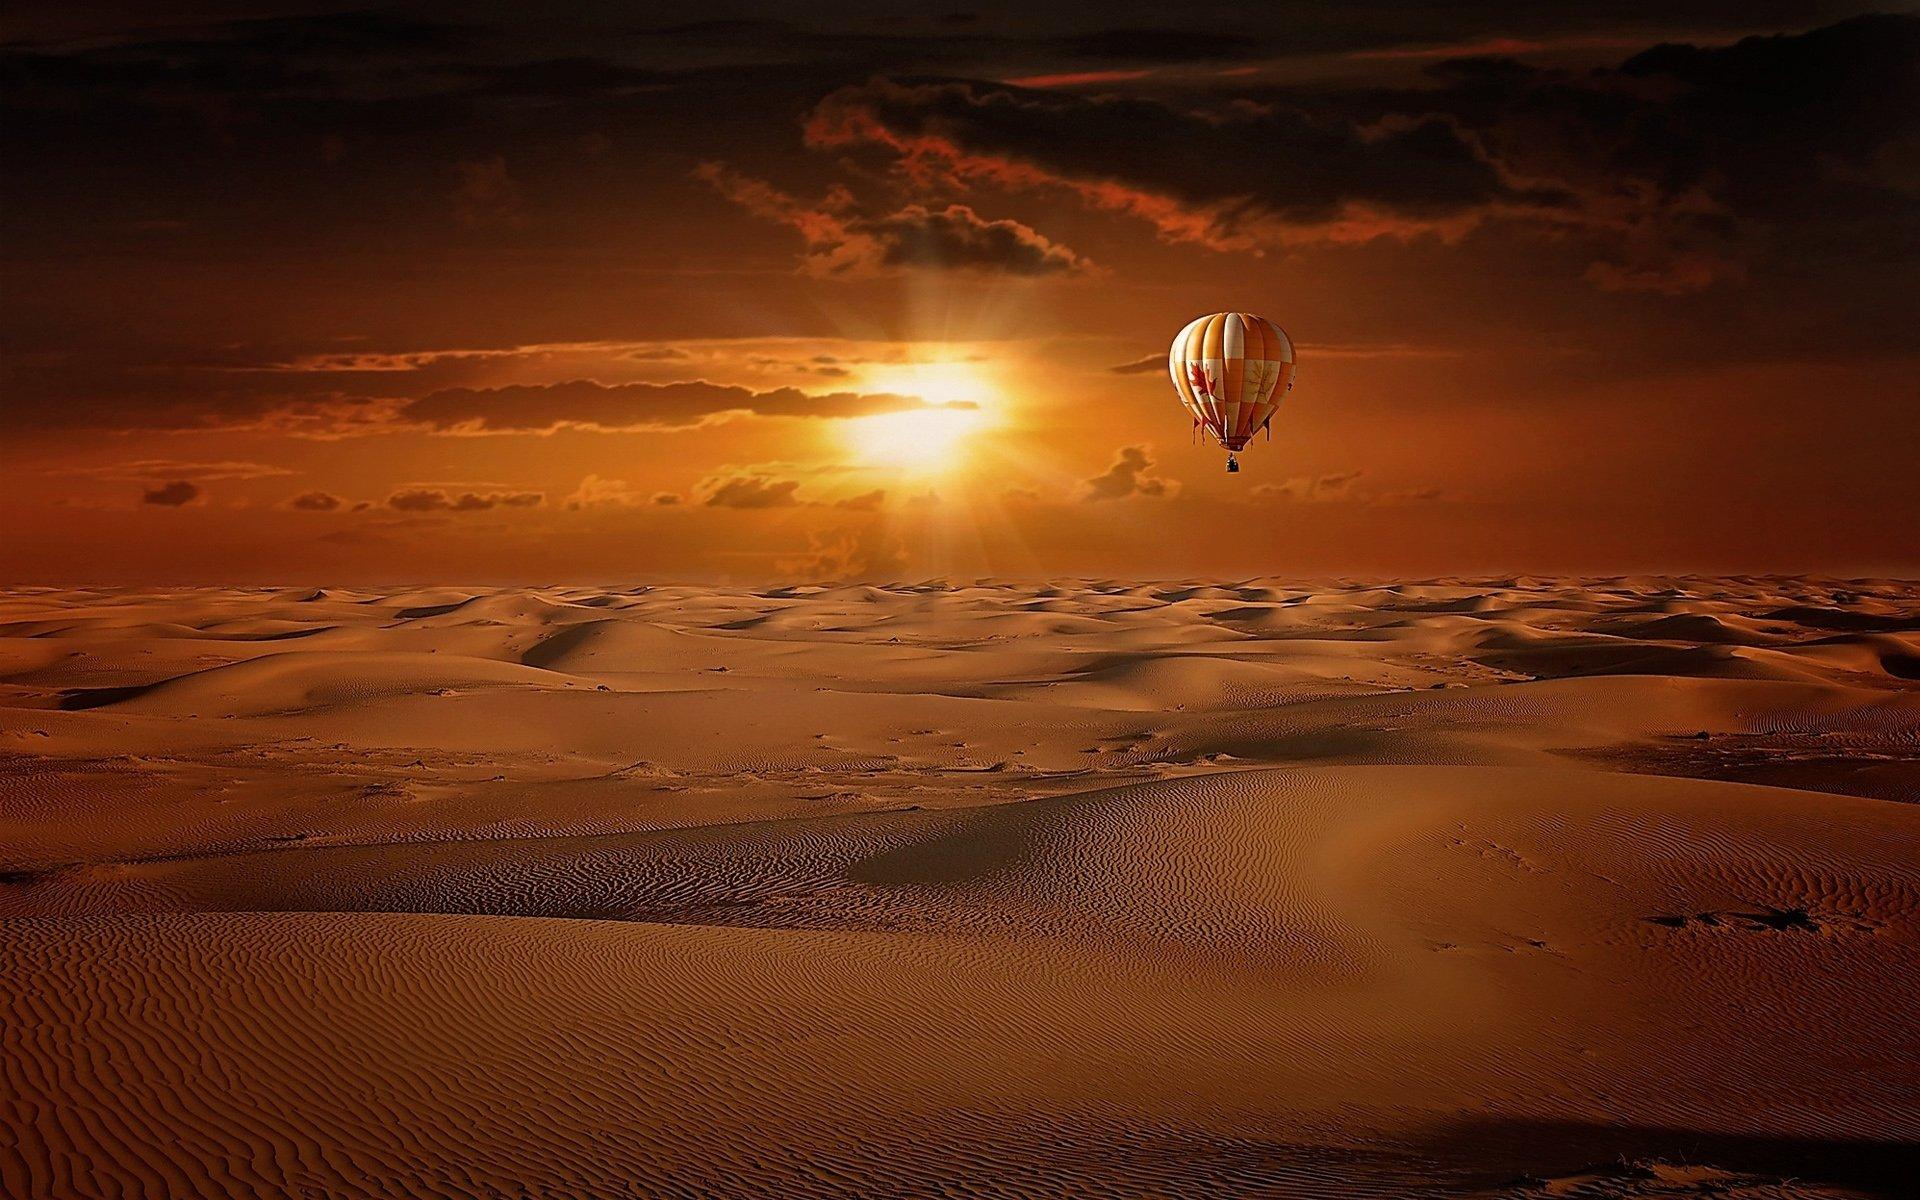 Vehicles - Hot Air Balloon  Vehicle Dune Desert Sand Brown Sunset Wallpaper